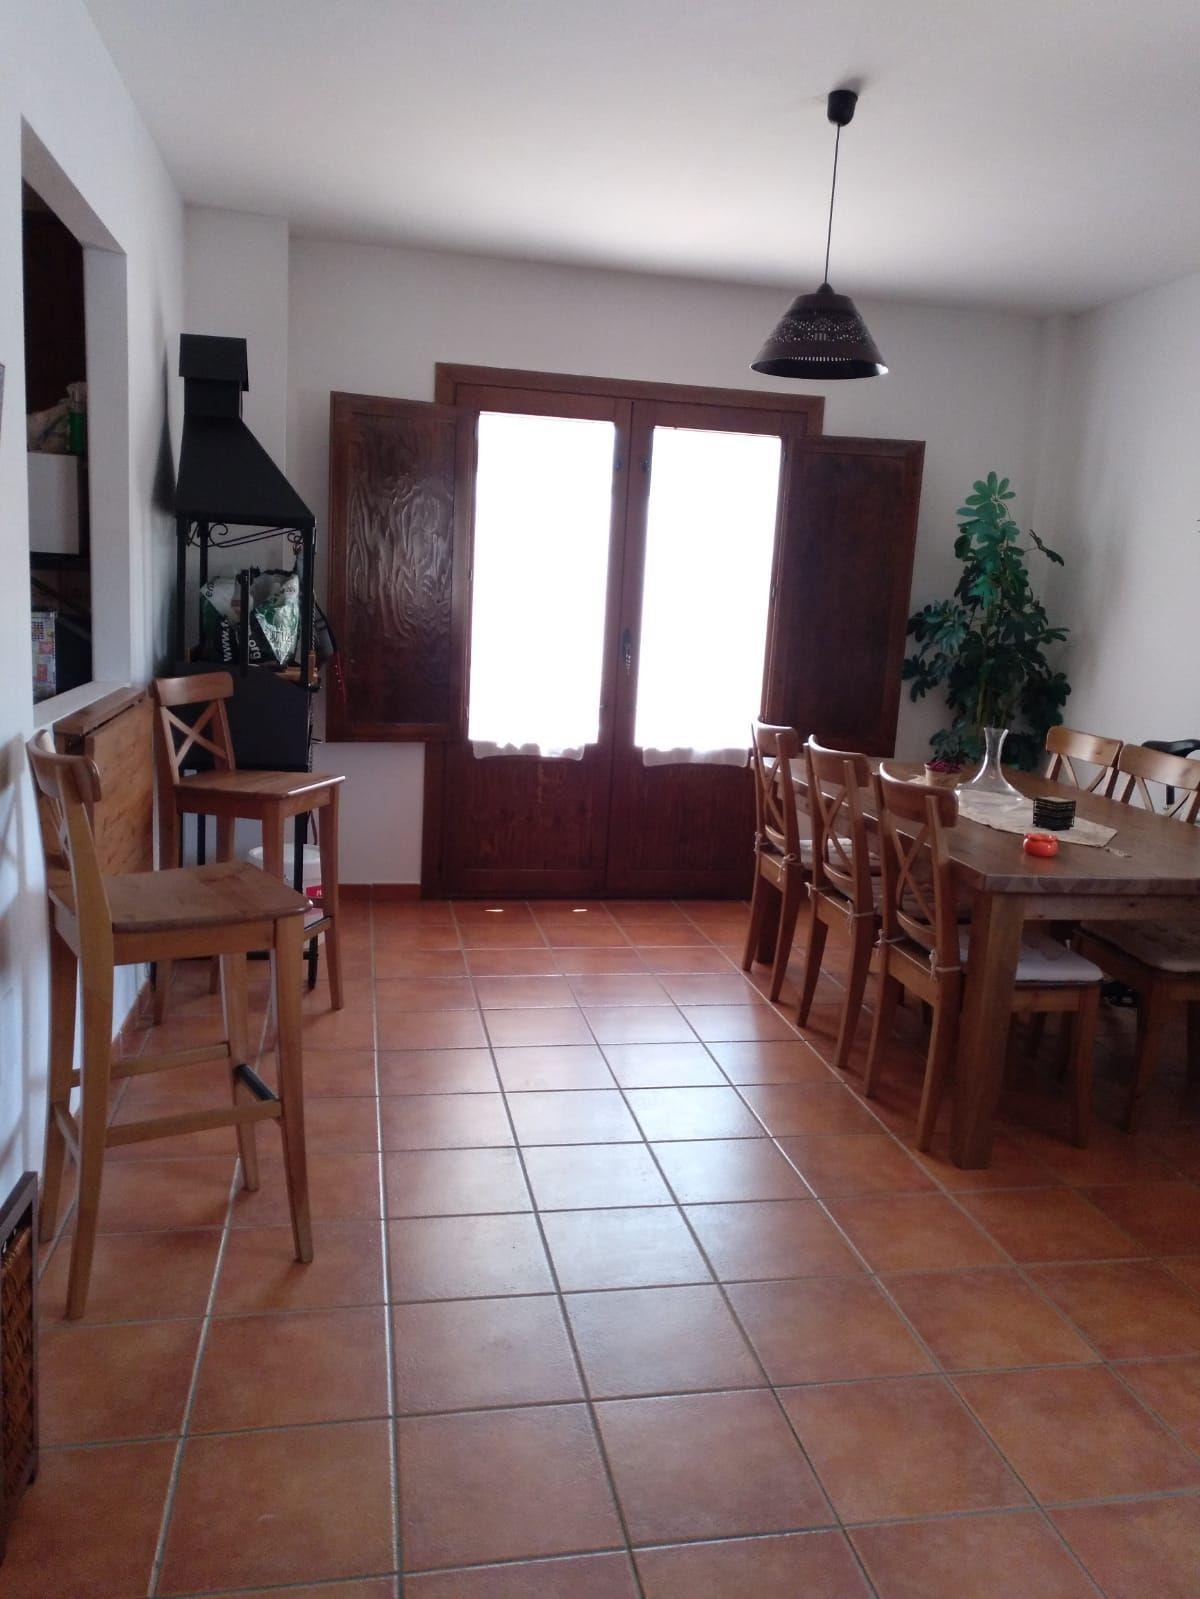 Piso en venta en Fondón, Almería, Calle Pozo, 89.000 €, 2 habitaciones, 1 baño, 74 m2